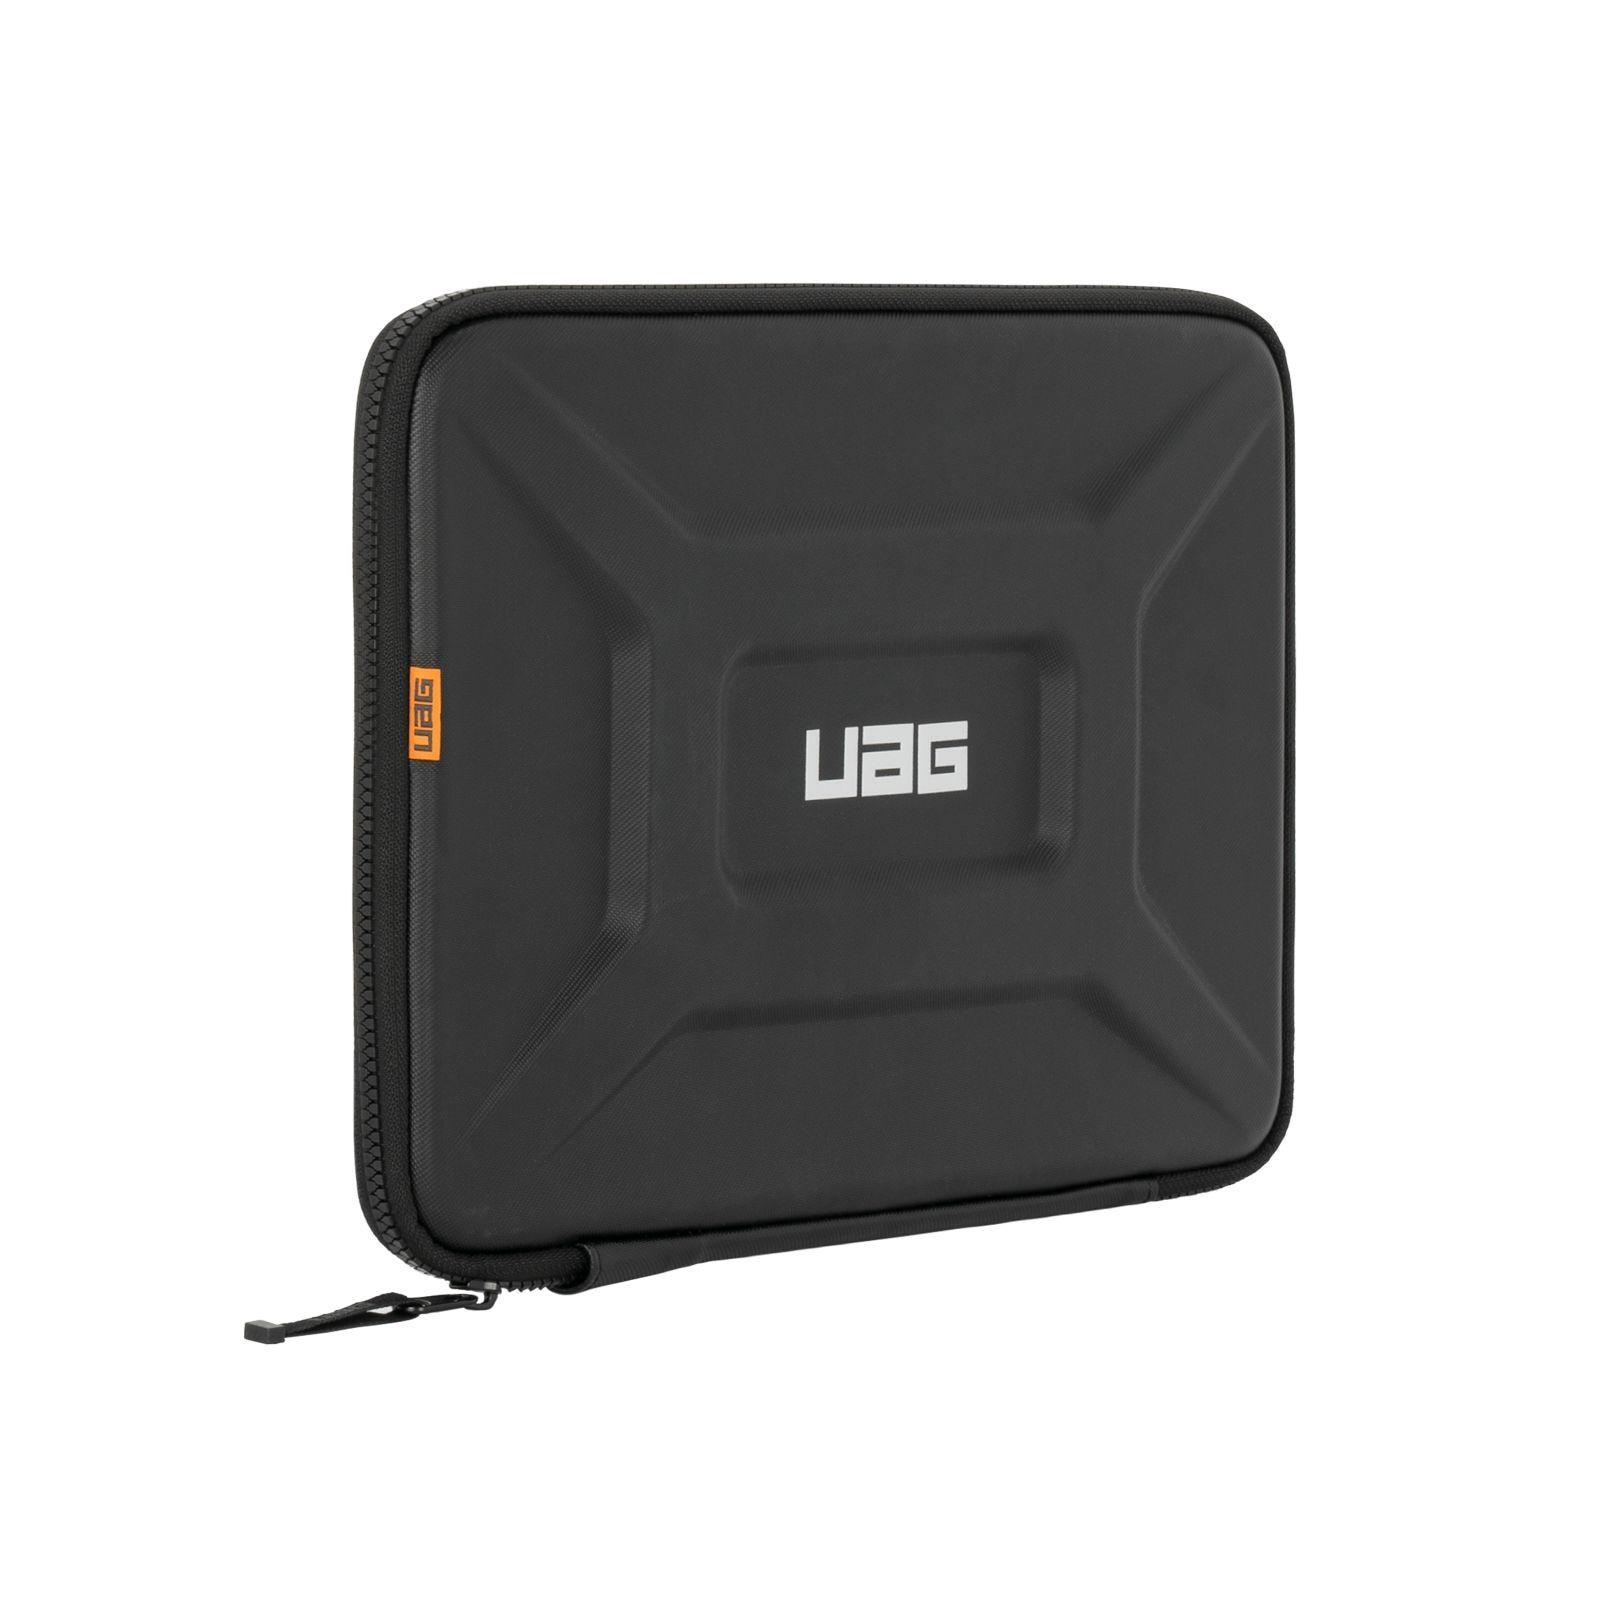 Tablet Sleeve Black - Small, upp till 11 tum